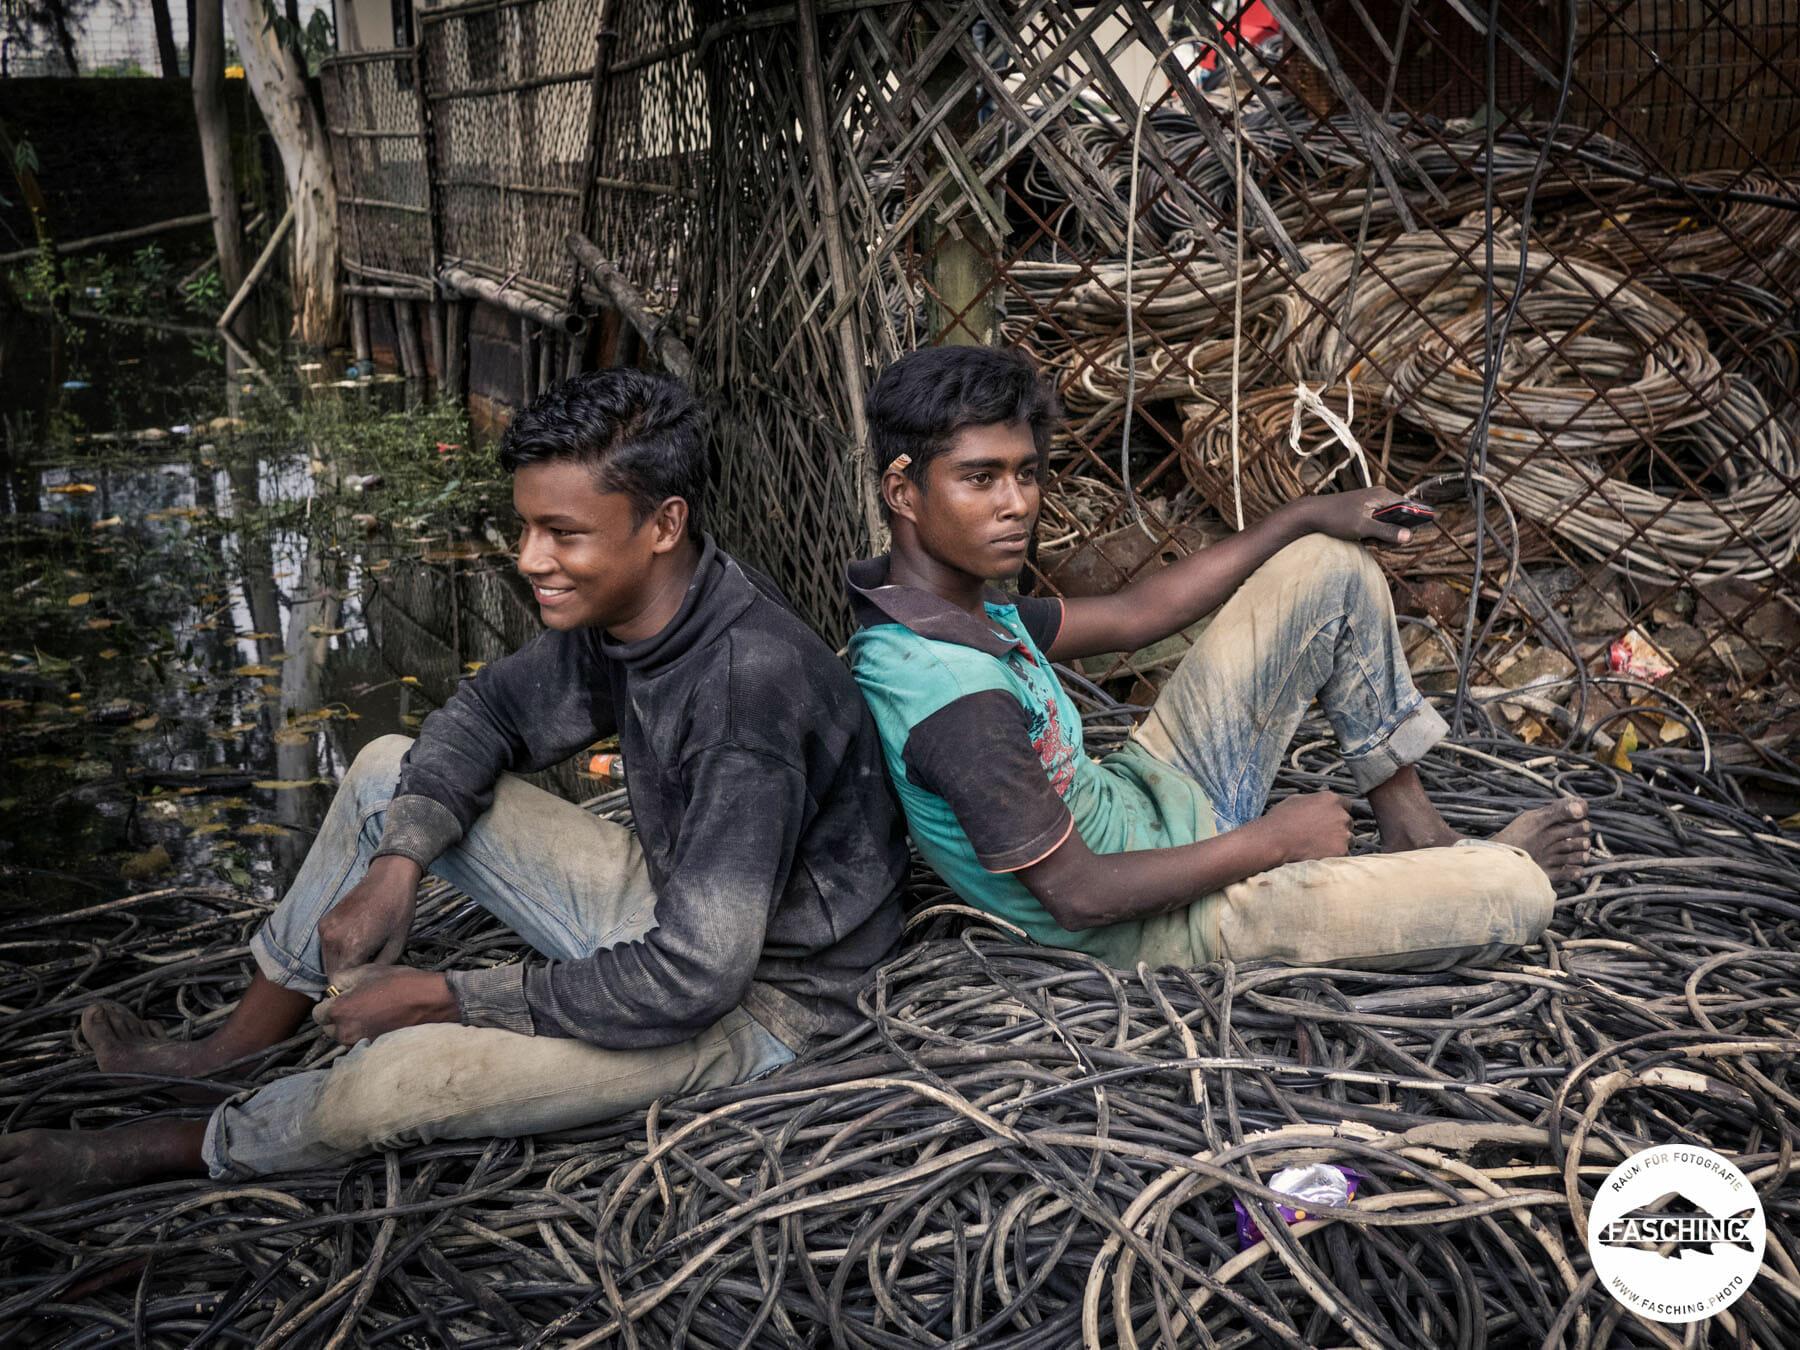 Shipbreaking in Bangladesh, fasching foto, fasching fotograf, foto fasching, fotograf vorarlberg, fotografen vorarlberg, luca fasching, reinhard fasching